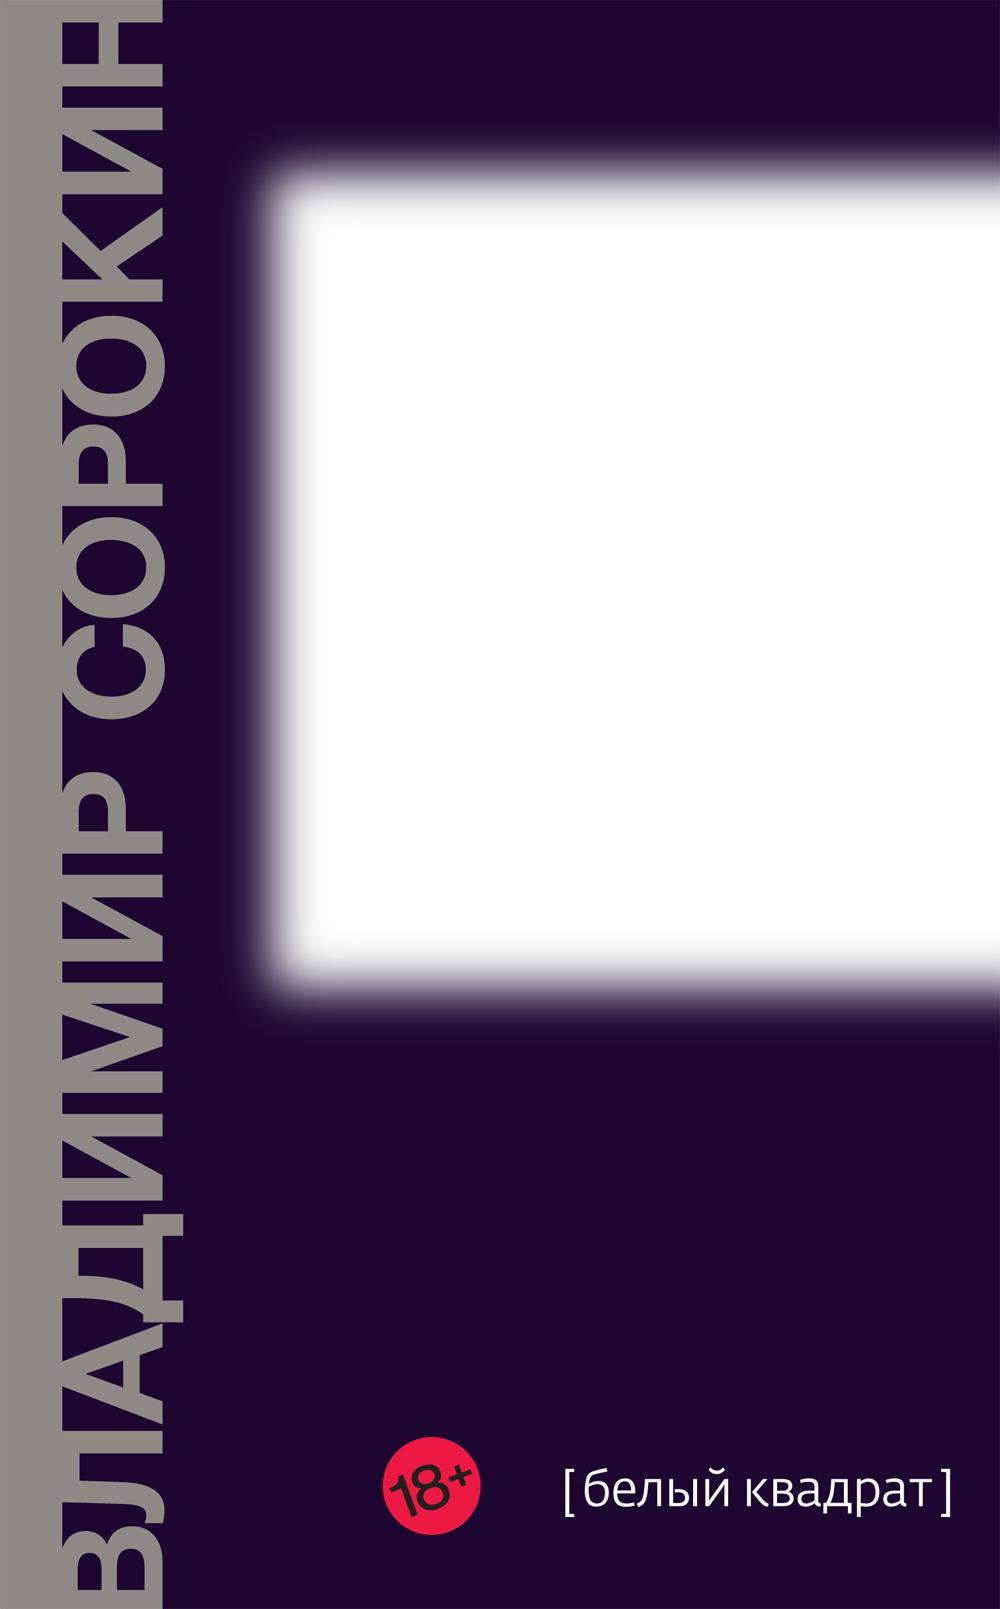 Рассказ «Белый квадрат», подаривший название всему сборнику, Владимир Сорокин посвятил Кириллу Серебренникову